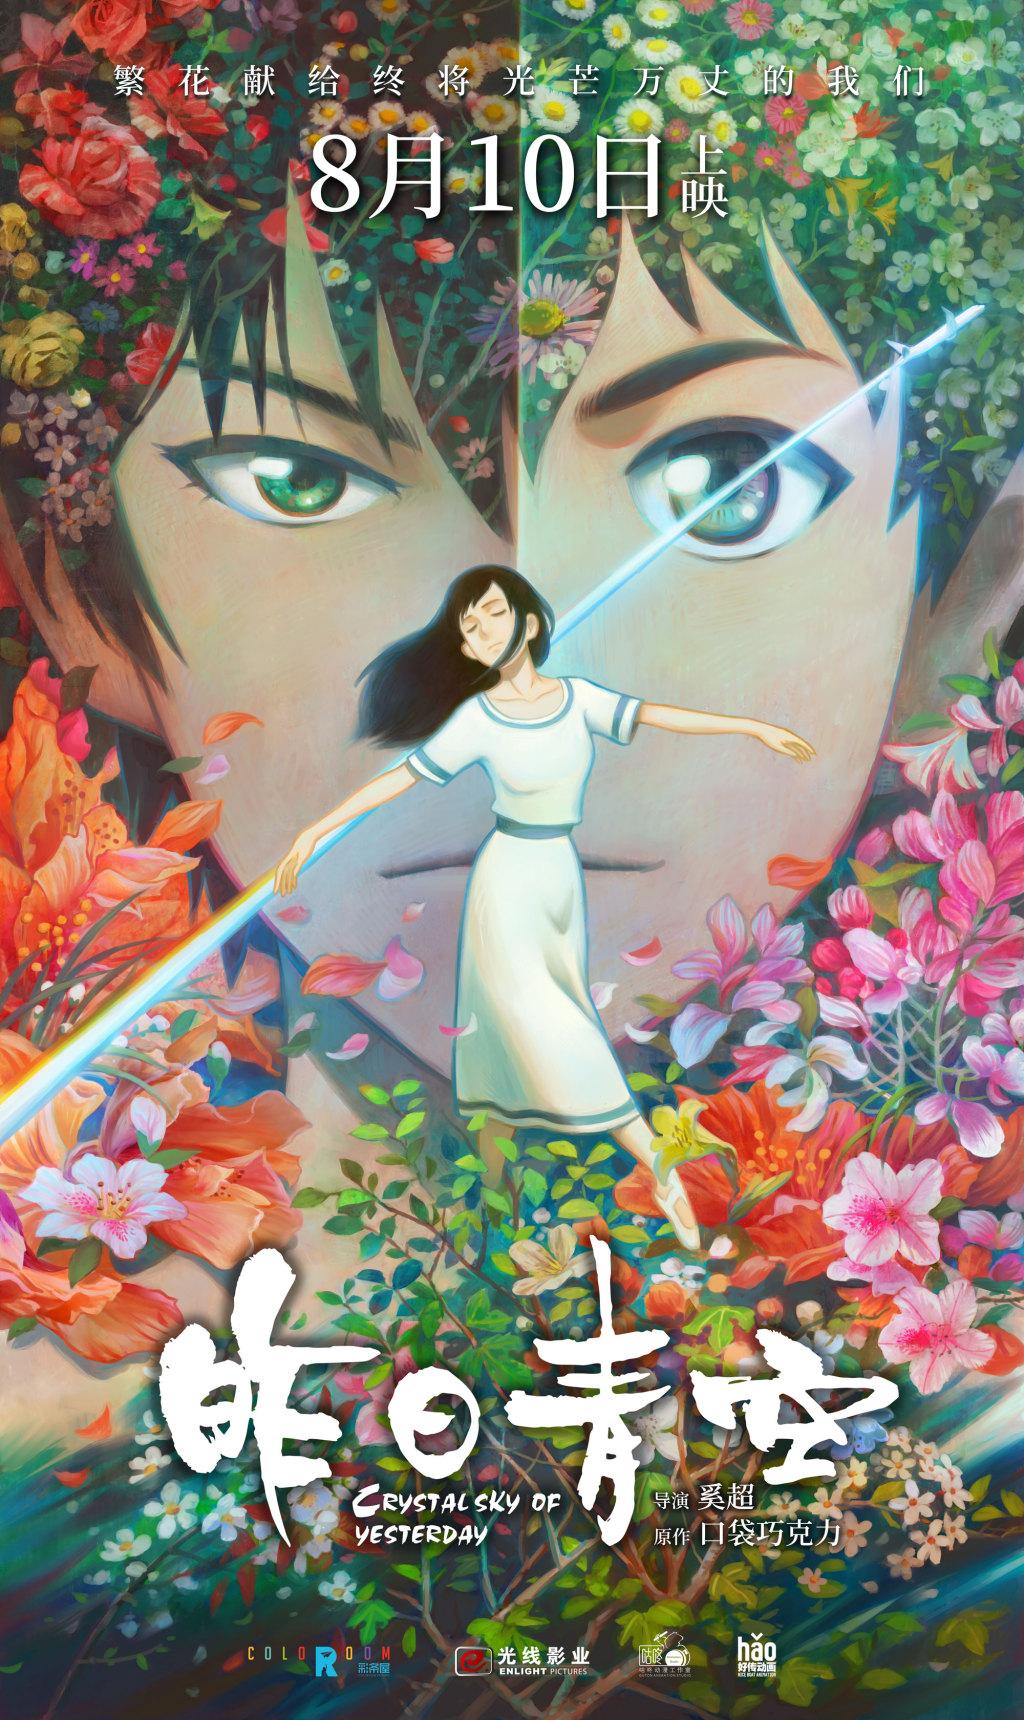 《昨日青空》定档8月10日,繁花绽放海报发布-ANICOGA